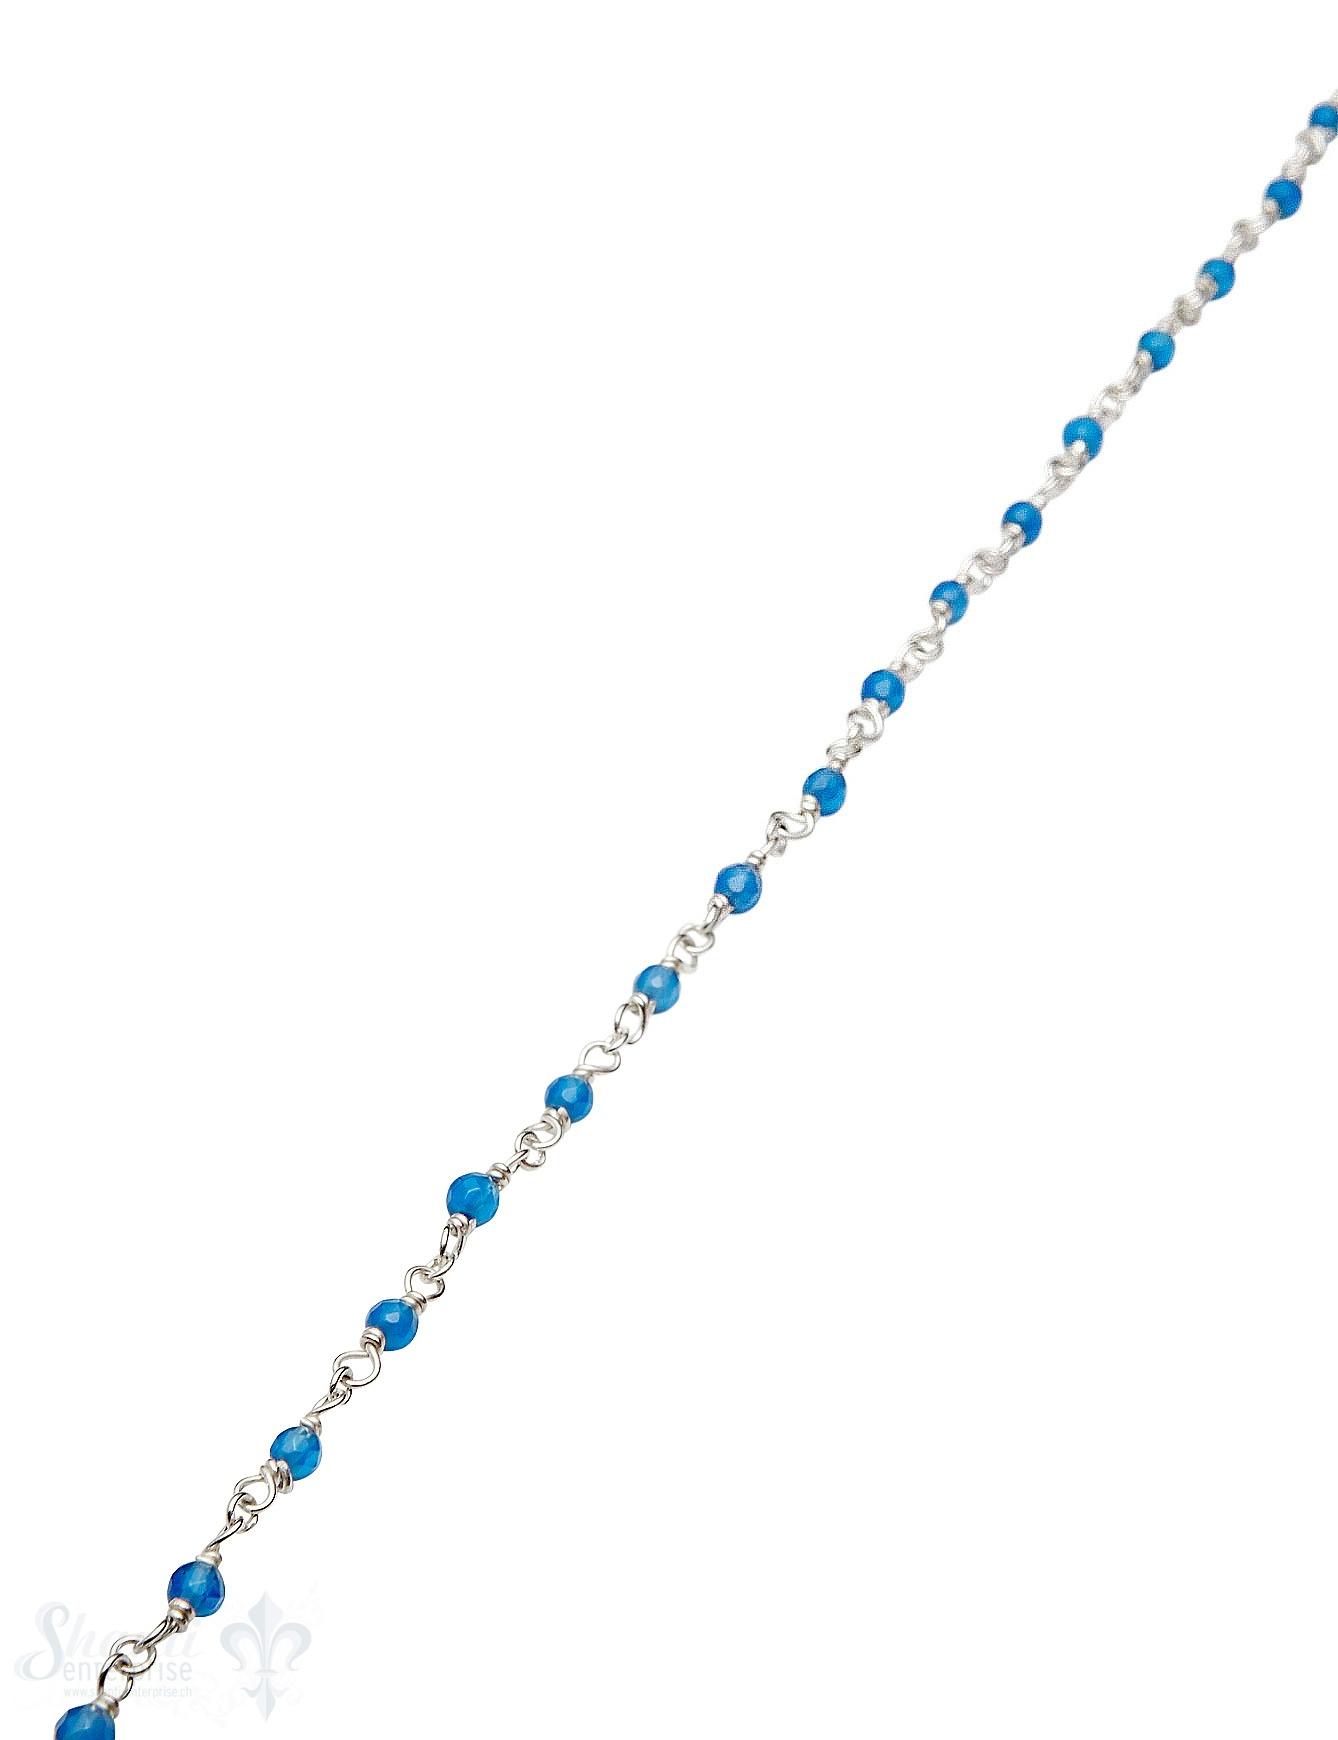 Rosenkranzkette Jade blau gefärbt 3 mm rund facett